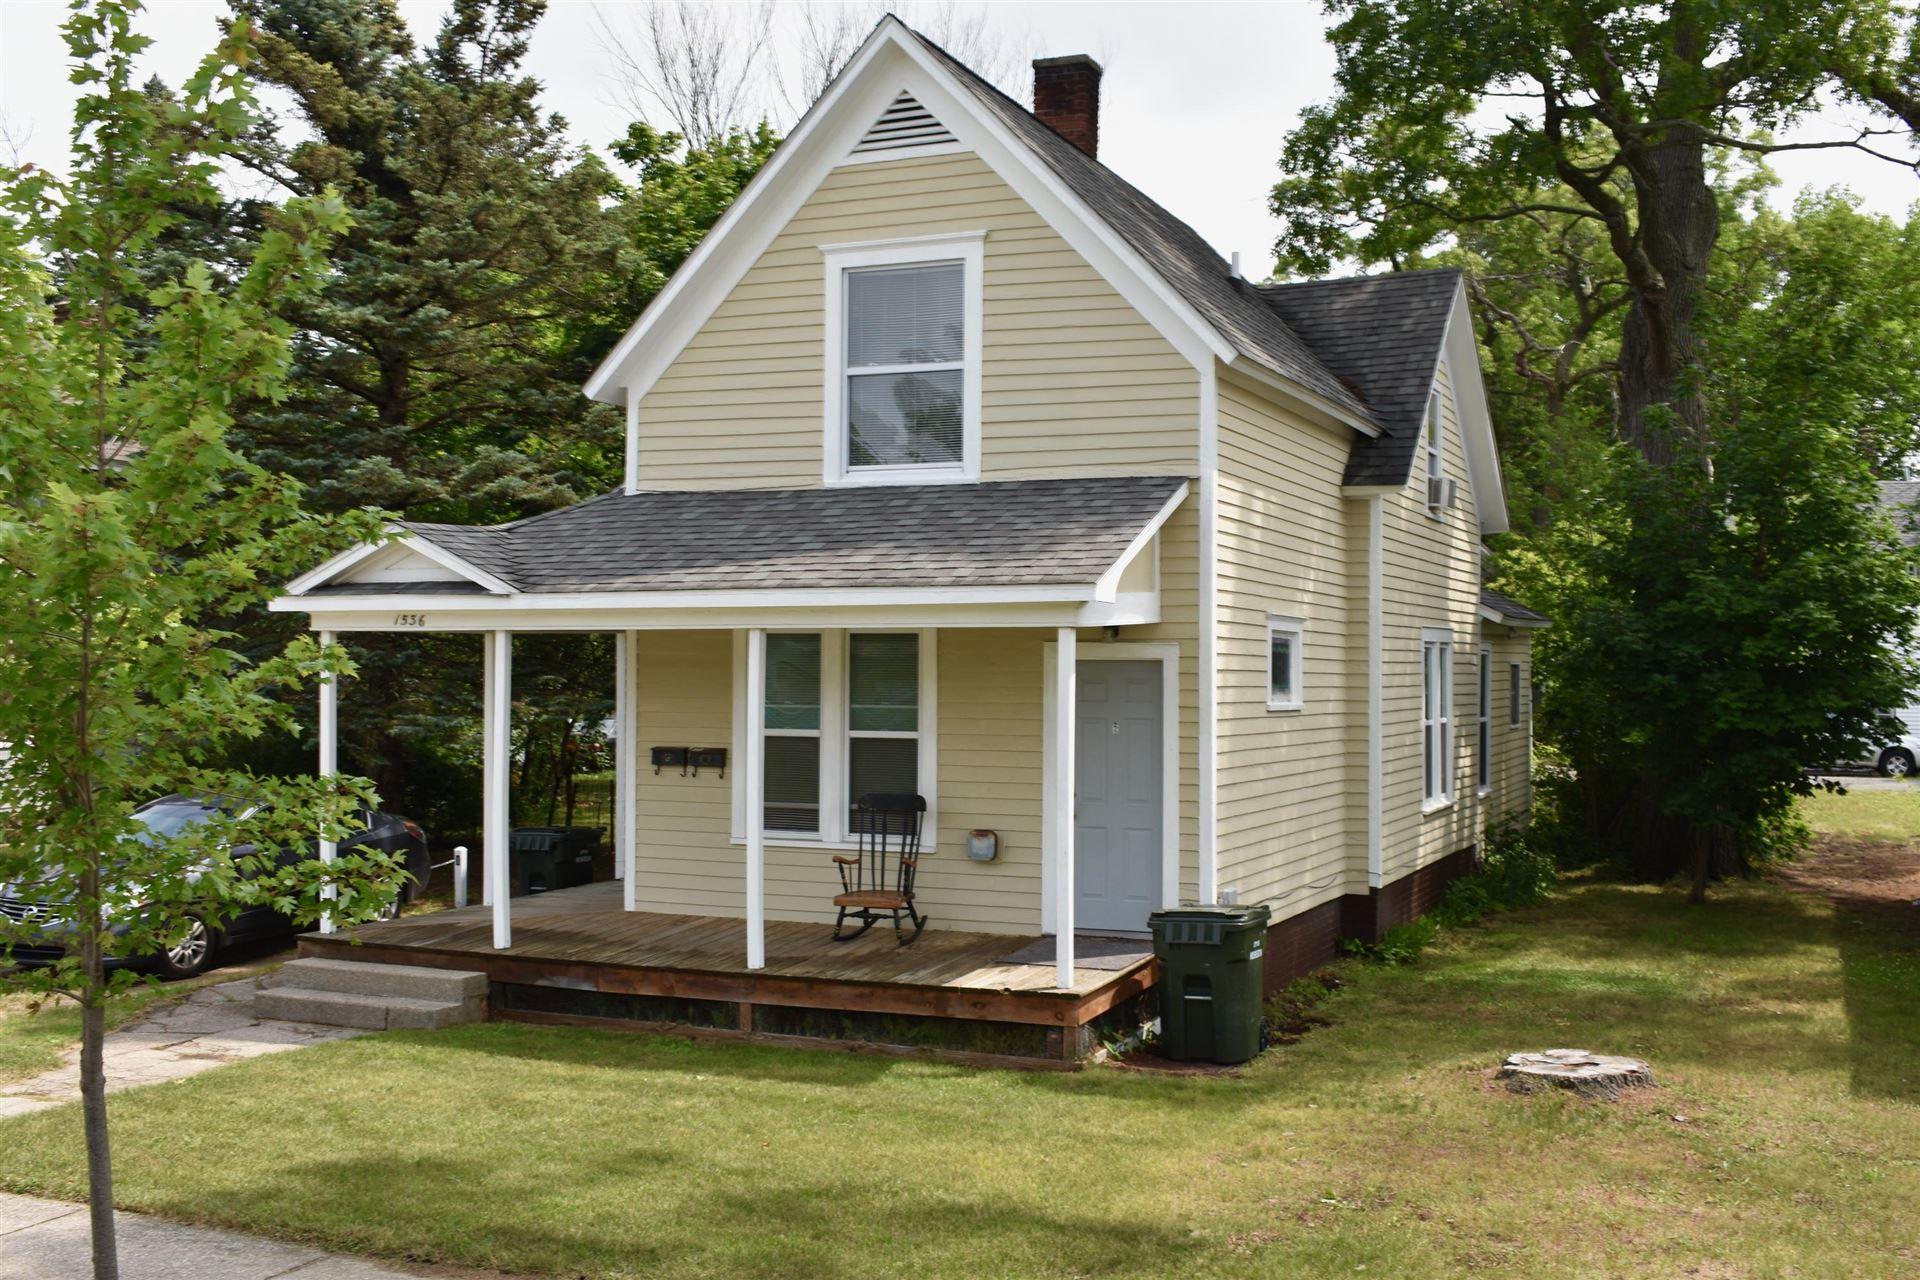 1536 Jiroch Street, Muskegon, MI 49442 - MLS#: 21034010